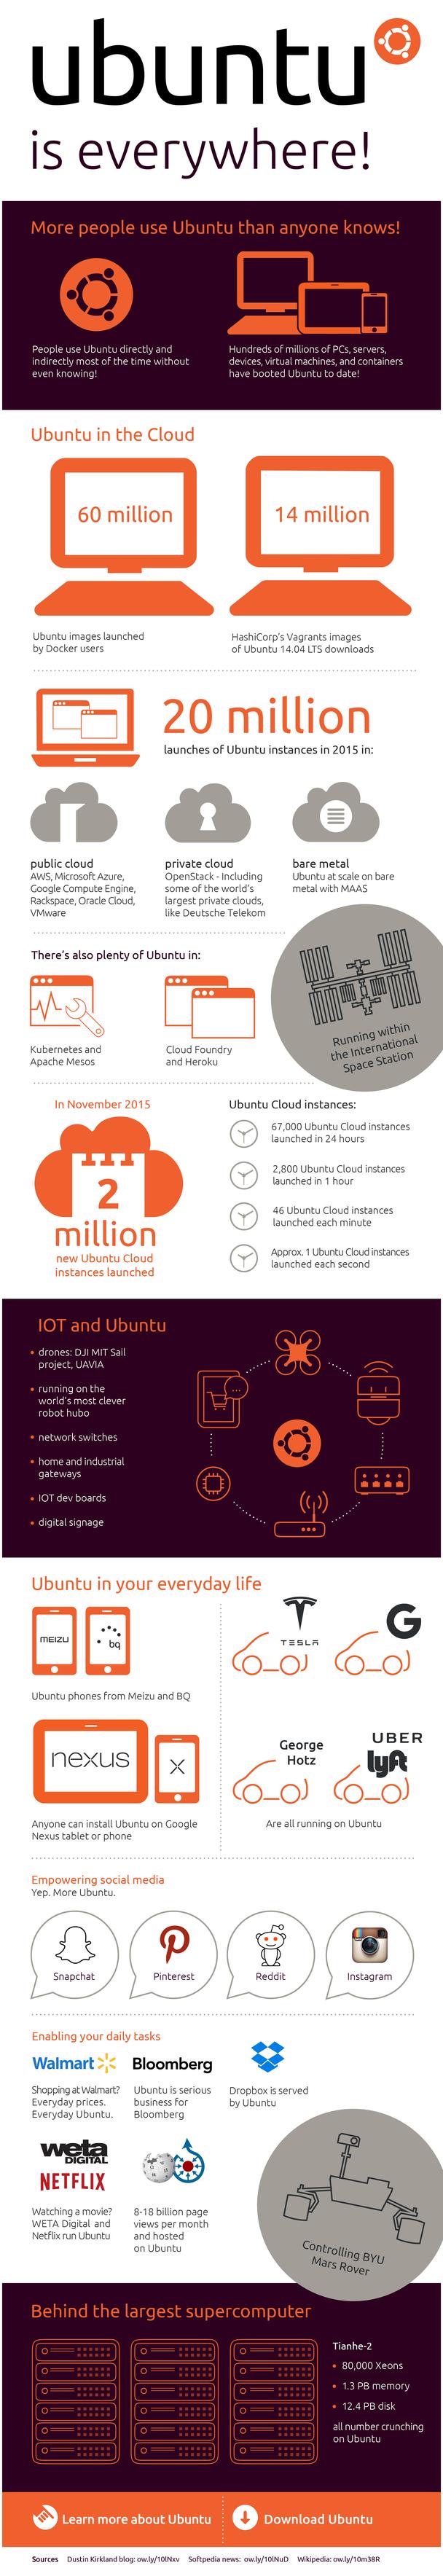 Infográfico - Ubuntu está em toda parte - Canonical